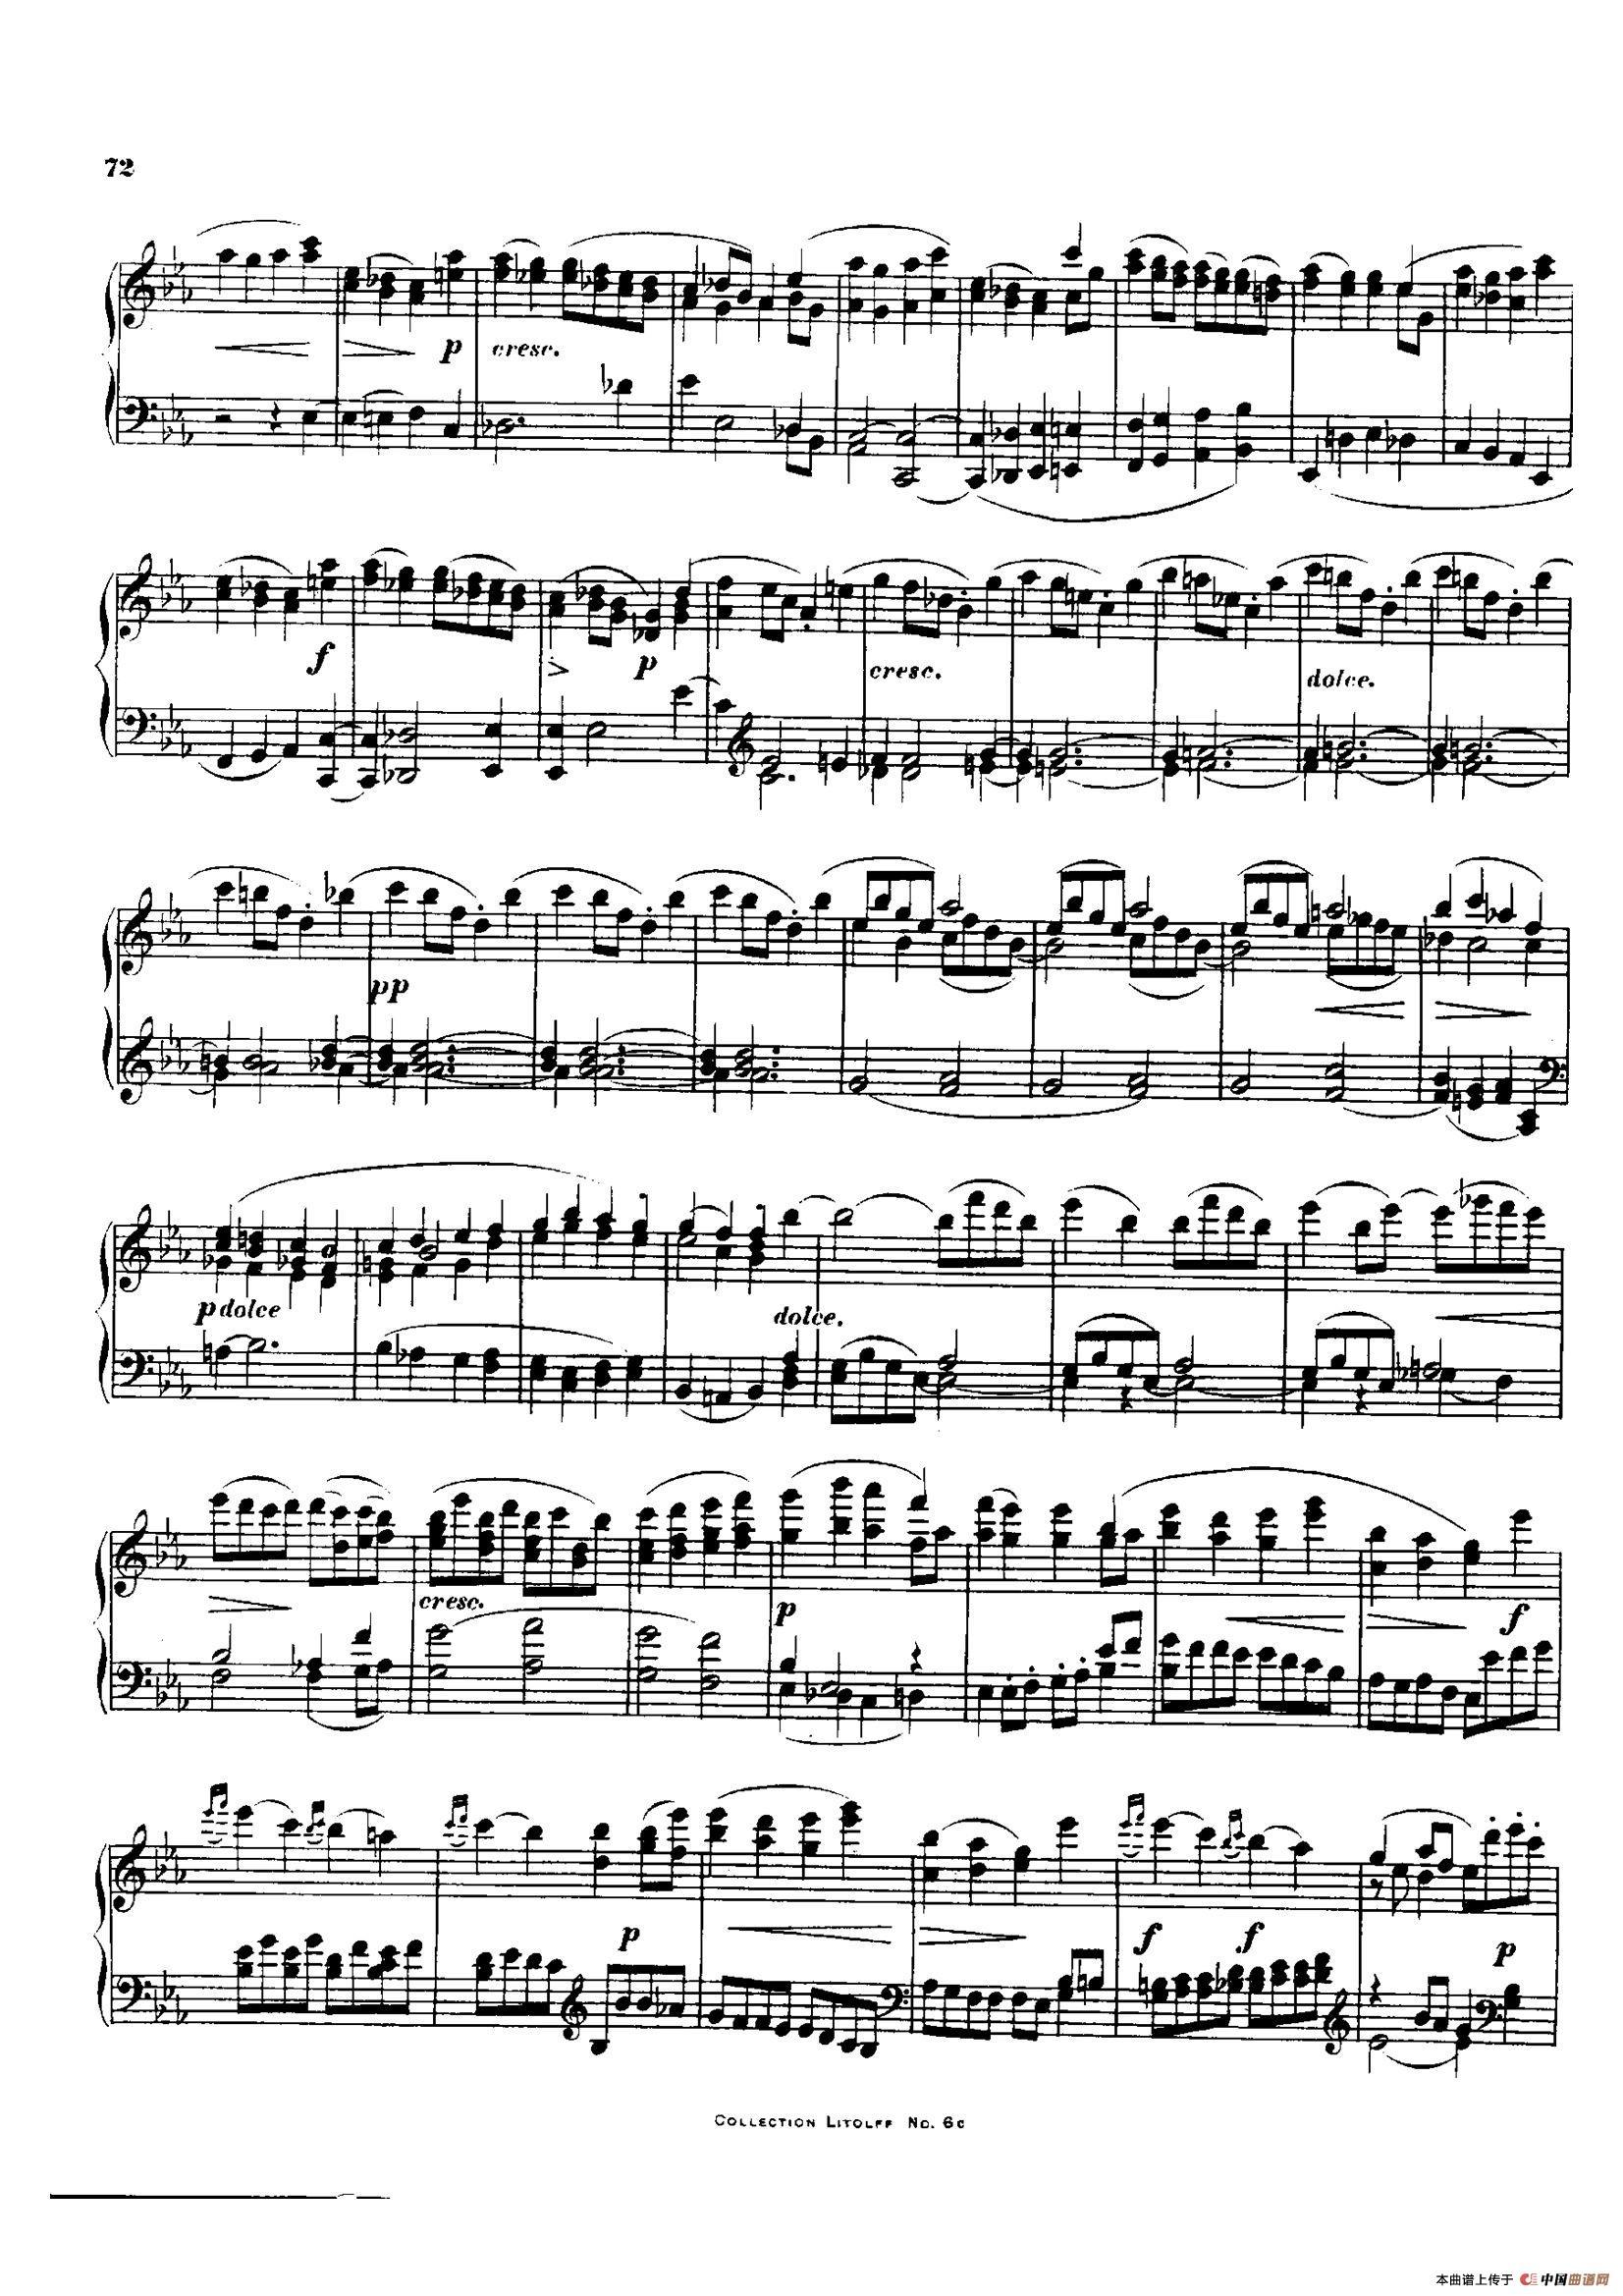 降E大调第十二弦乐四重奏(钢琴独奏版)(1)_原文件名:027.jpg